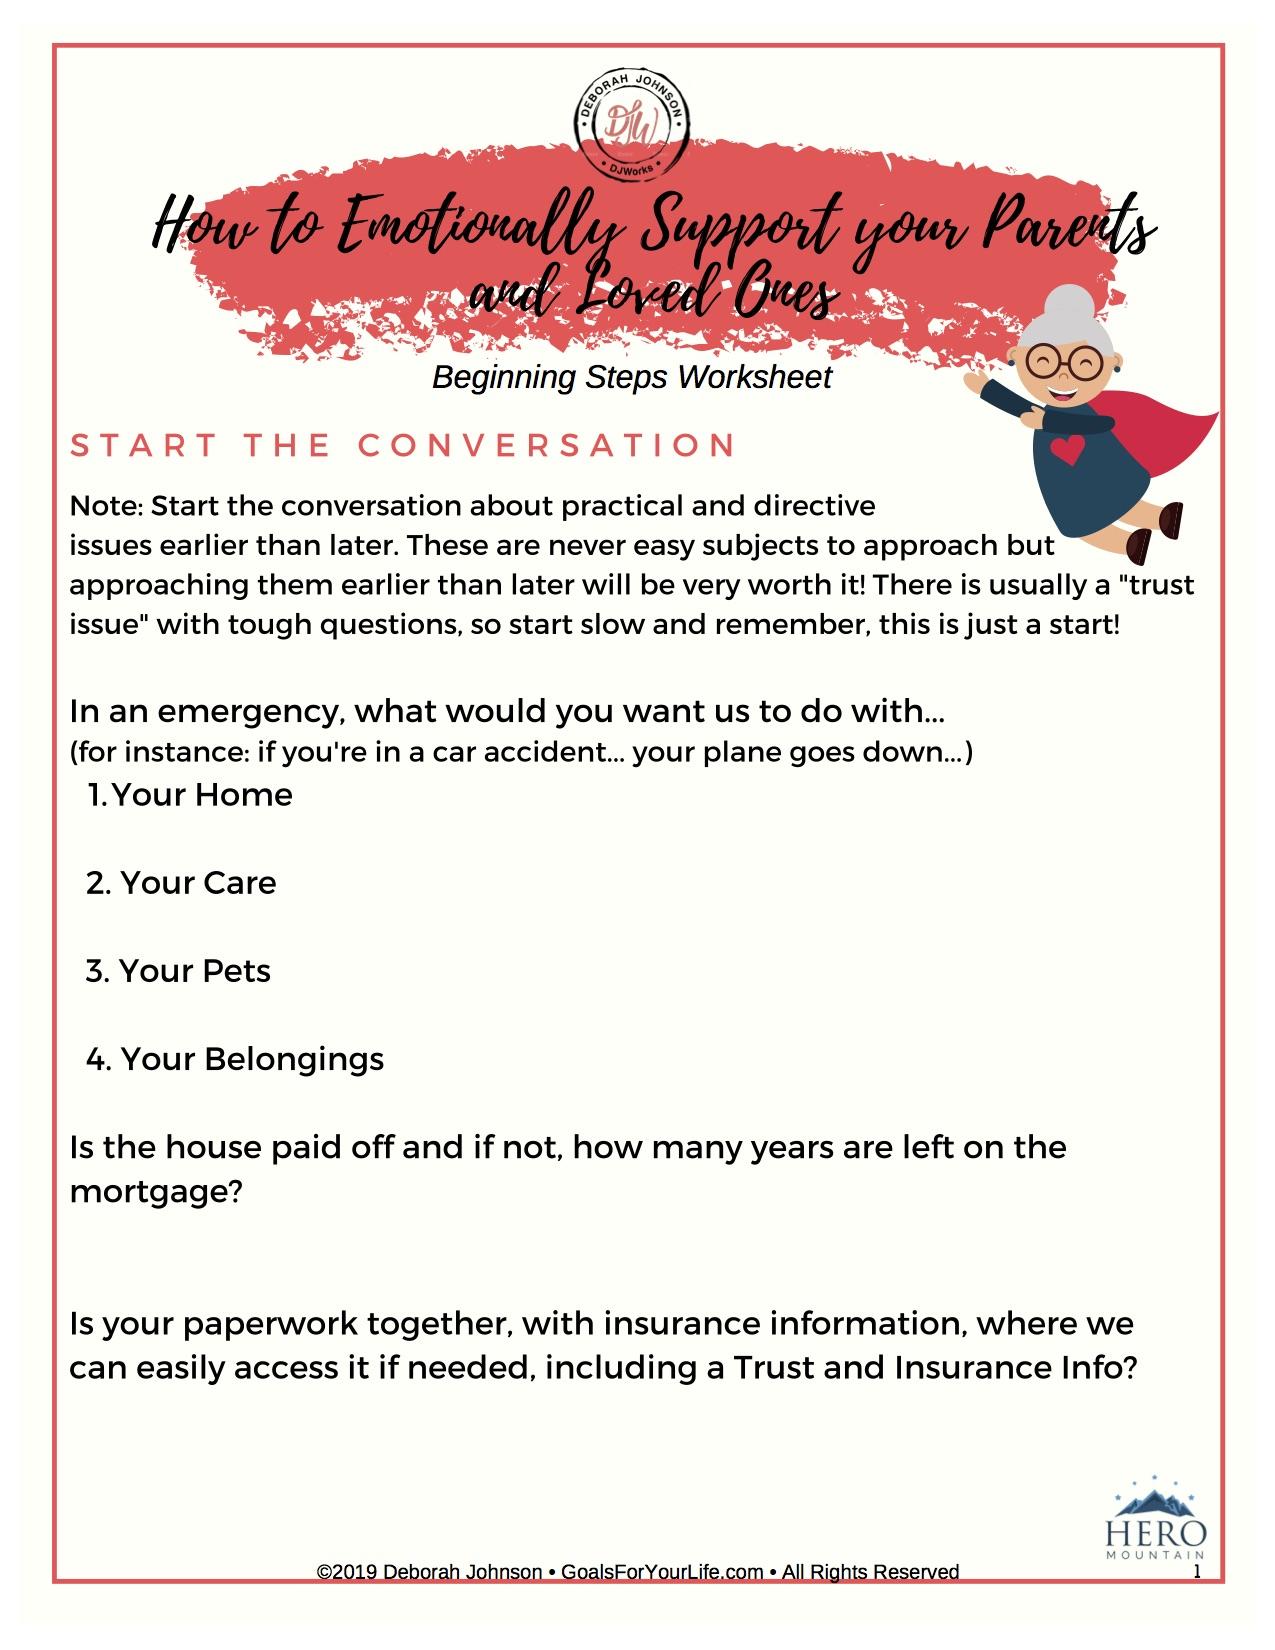 Emotional Support Worksheet